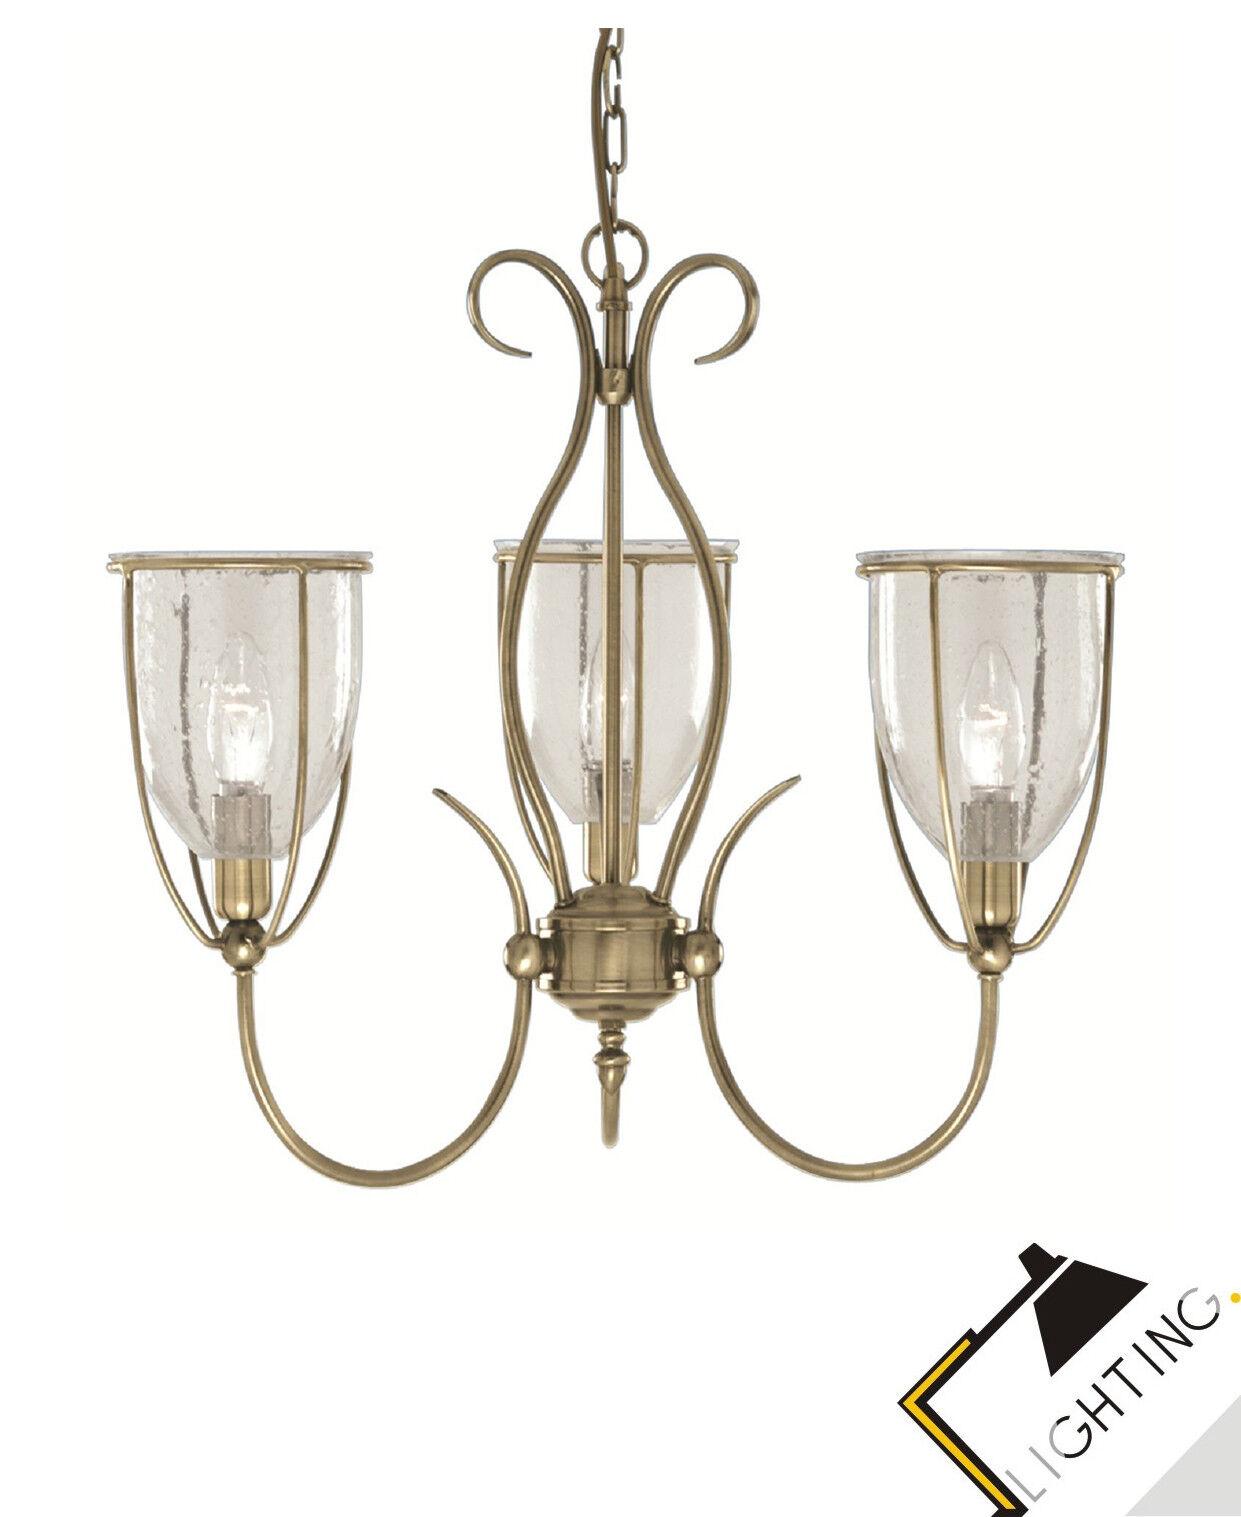 3-plafonnier décoratif kronleuchte altmessing 52cm ø 52cm altmessing lustre suspendu éclairage e03061